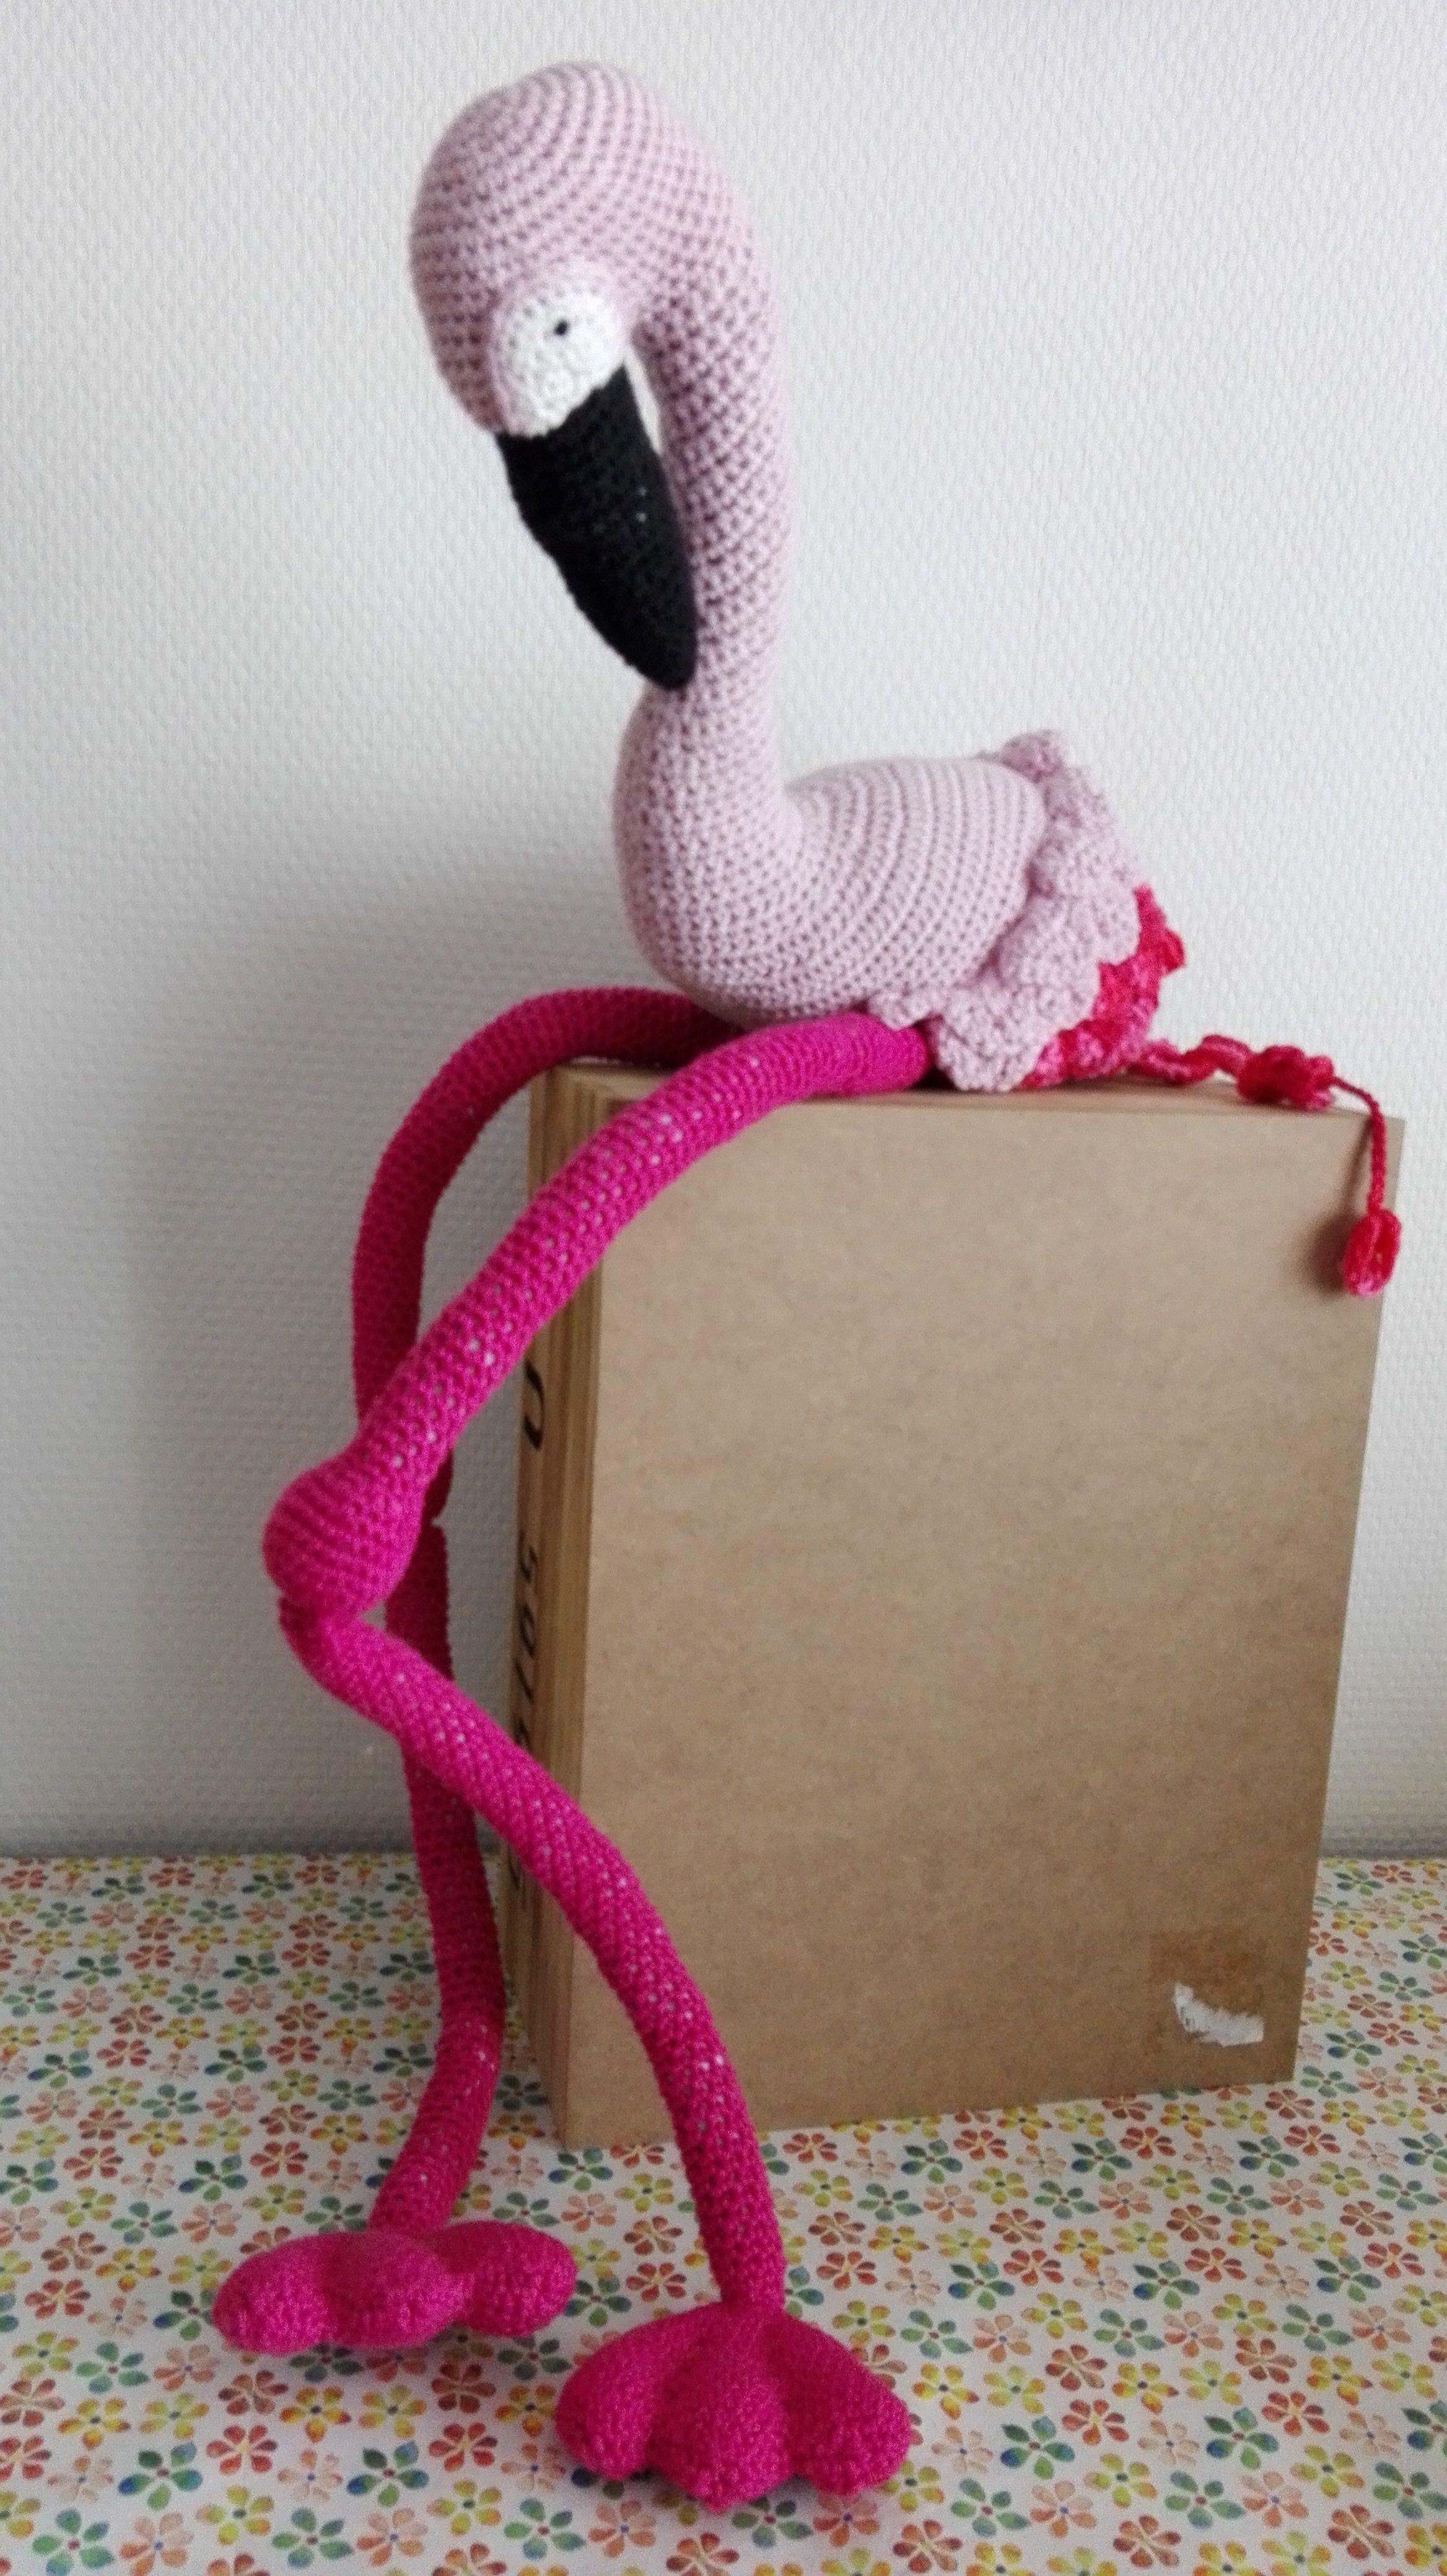 Vanessa Mooncie Crochet Wild Animals – flamingo Gehaakte wilde dieren - flamingo